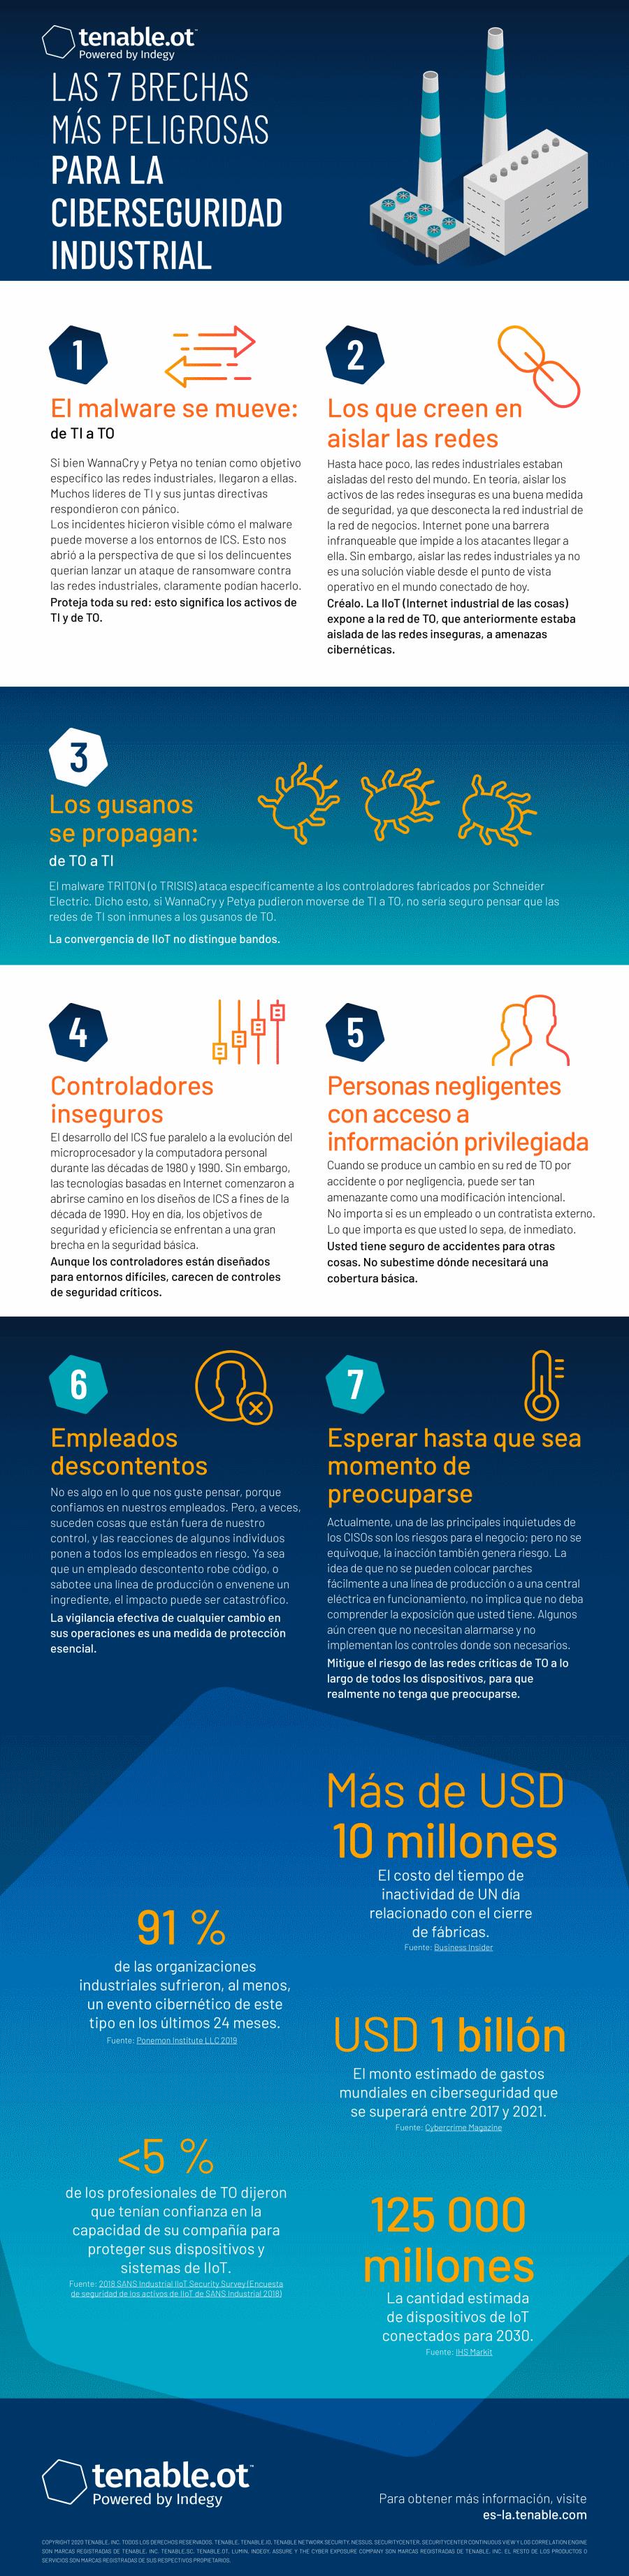 Infografía Las 7 brechas más peligrosas para la ciberseguridad industrial